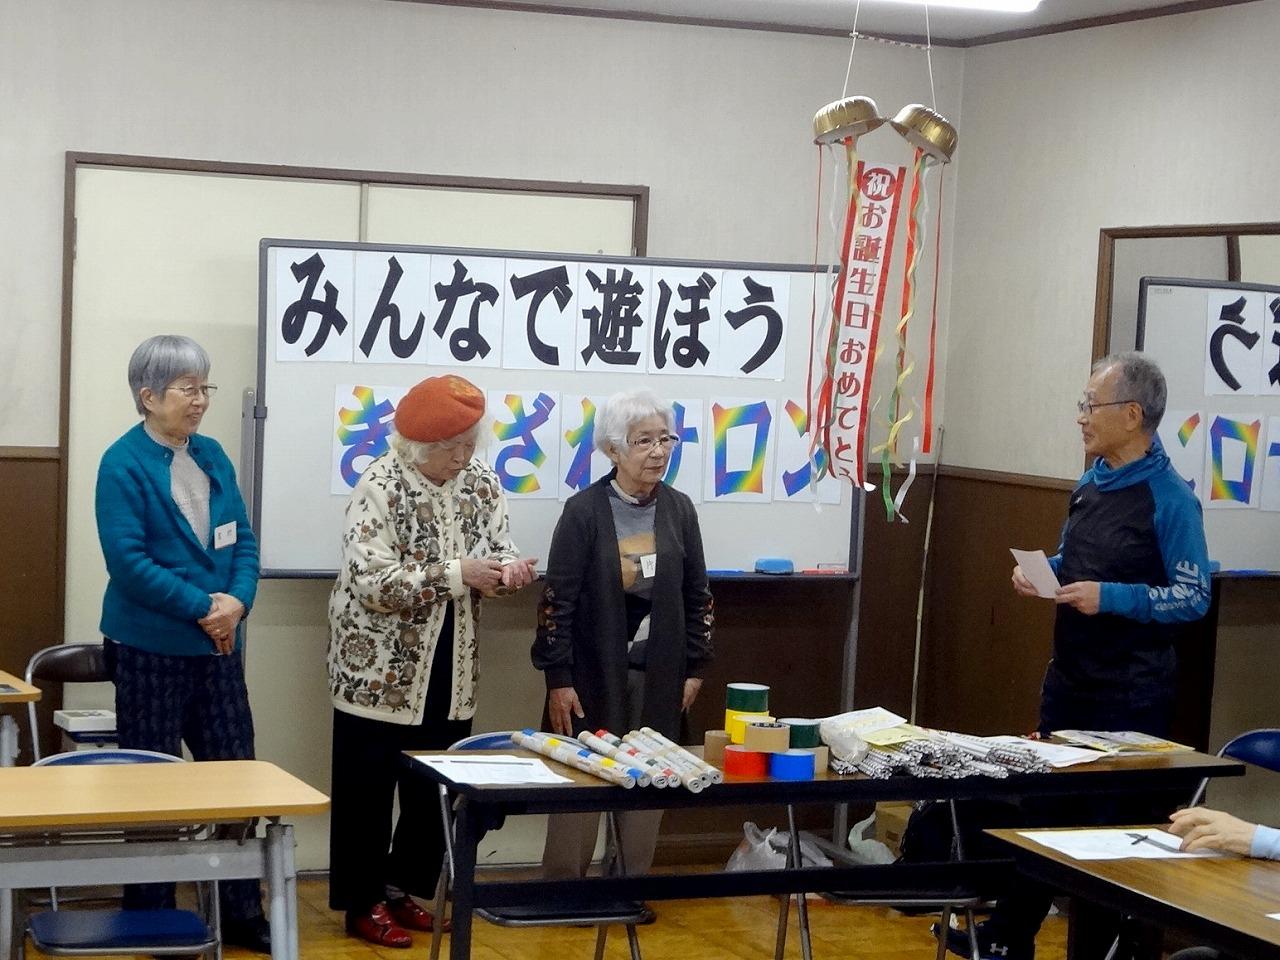 95-1kitazawasalon